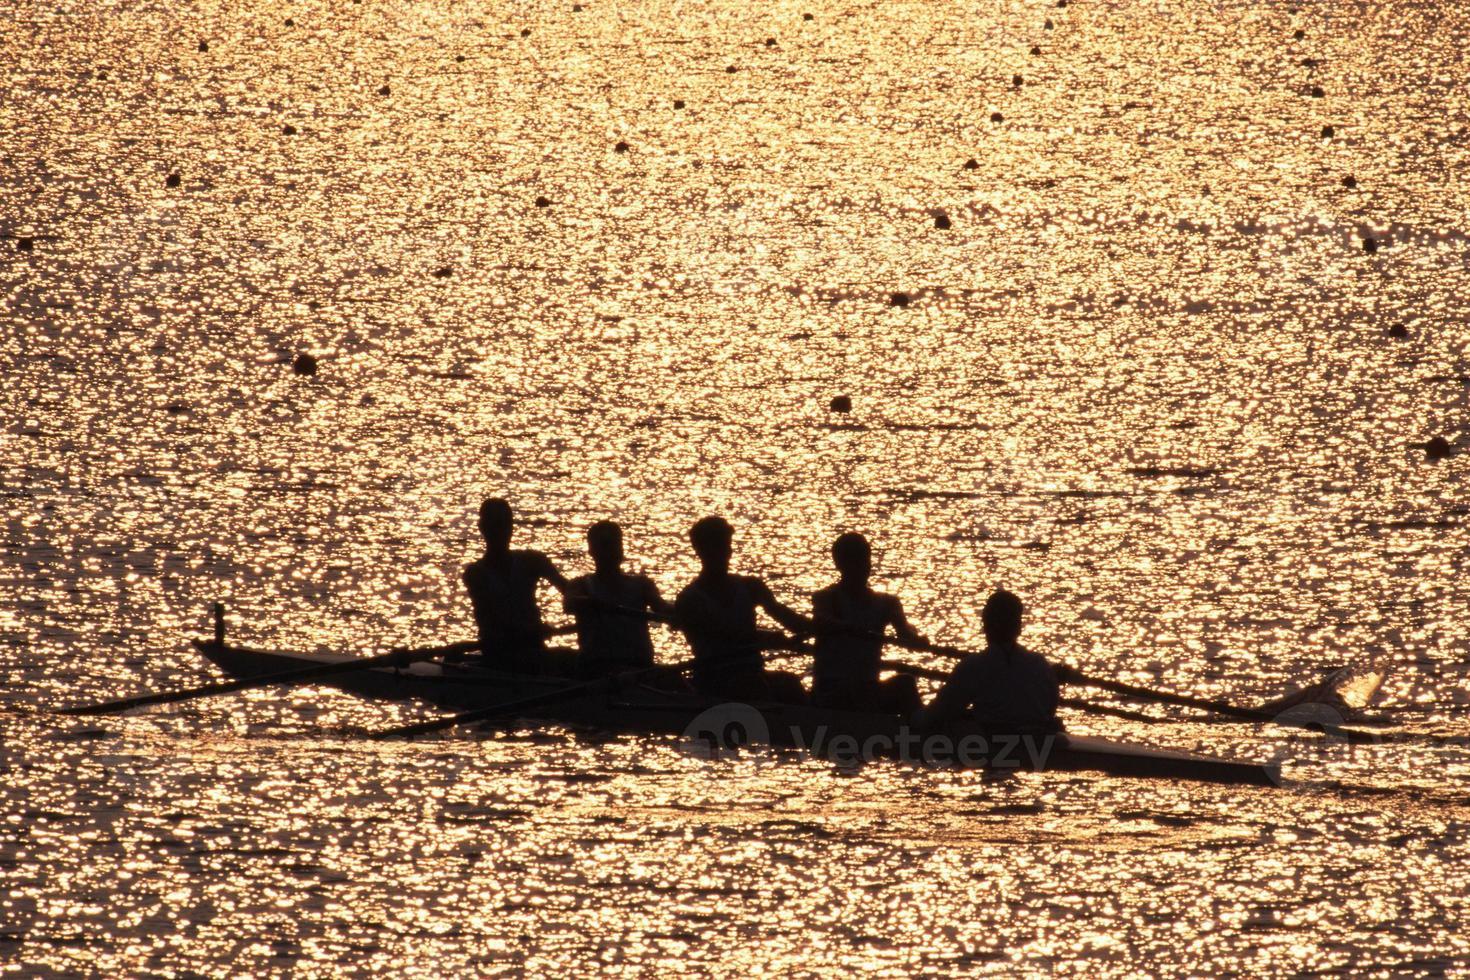 equipe de remadores em silhueta ao pôr do sol foto